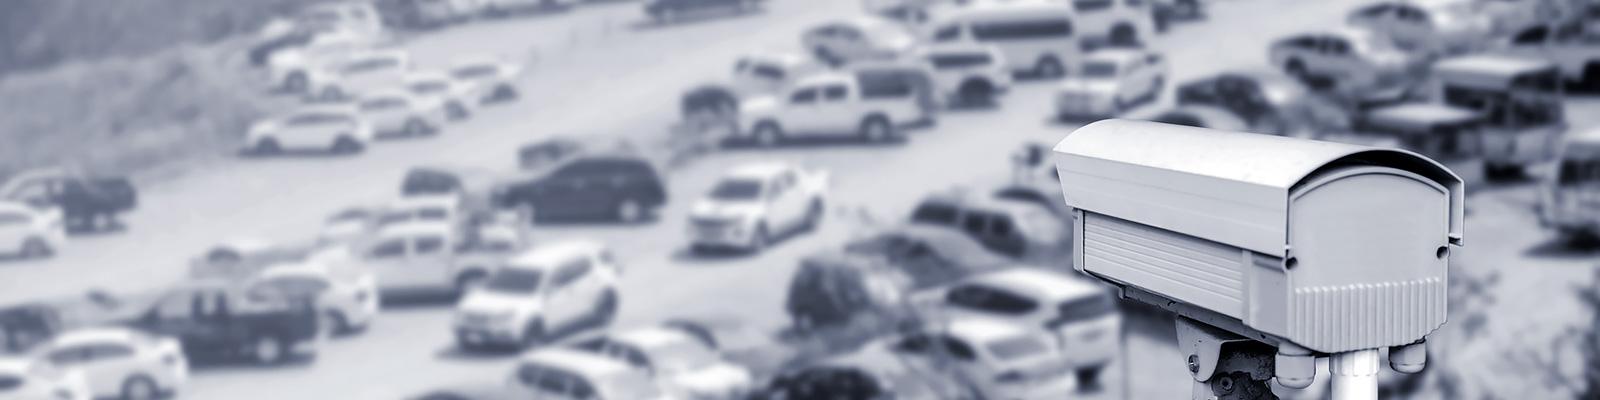 駐車場 監視カメラ イメージ